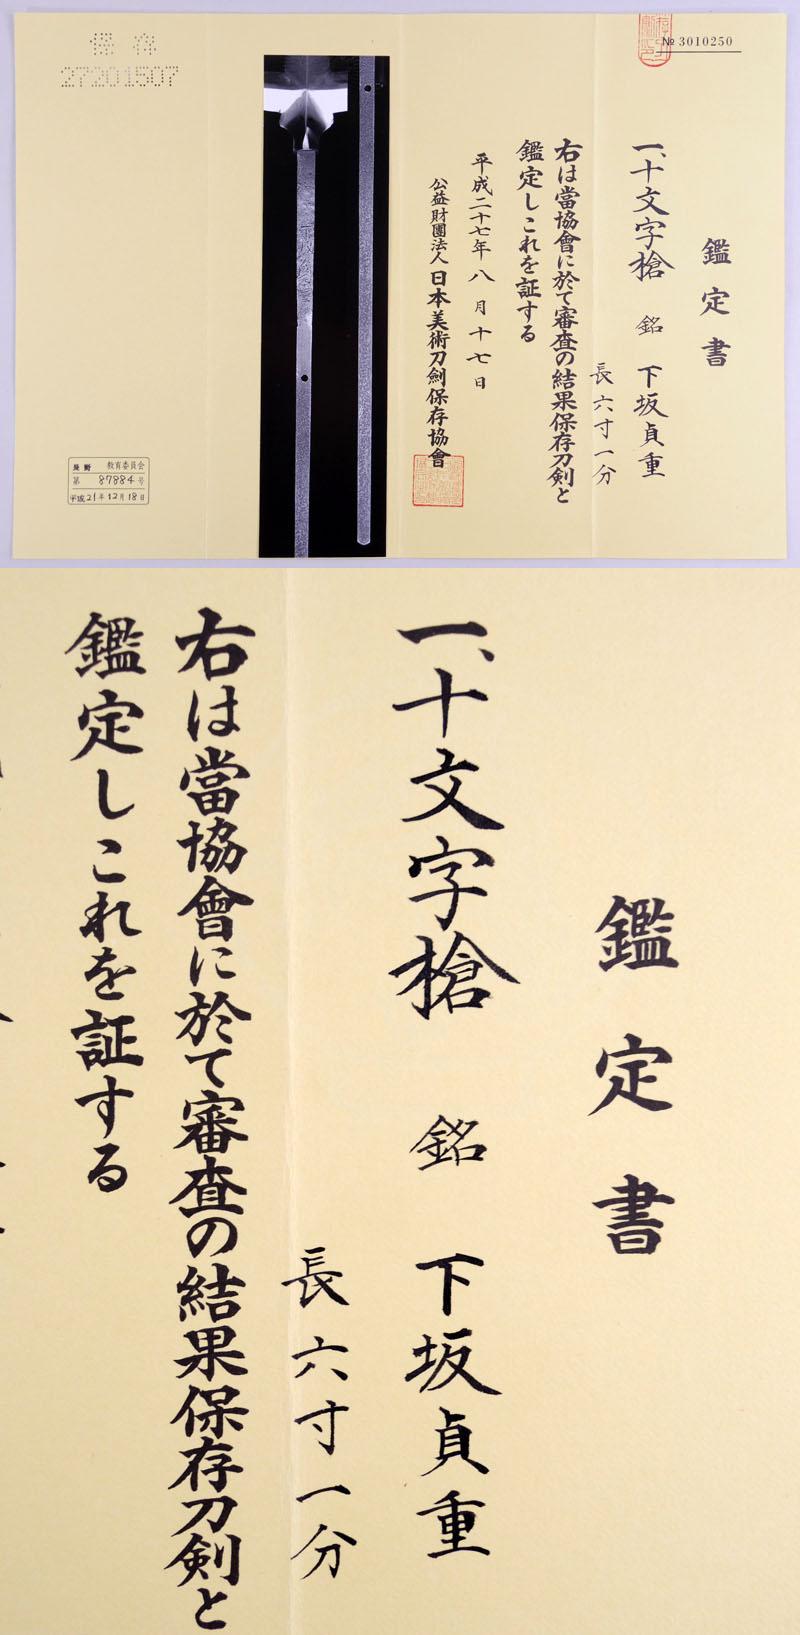 下坂貞重 Picture of Certificate